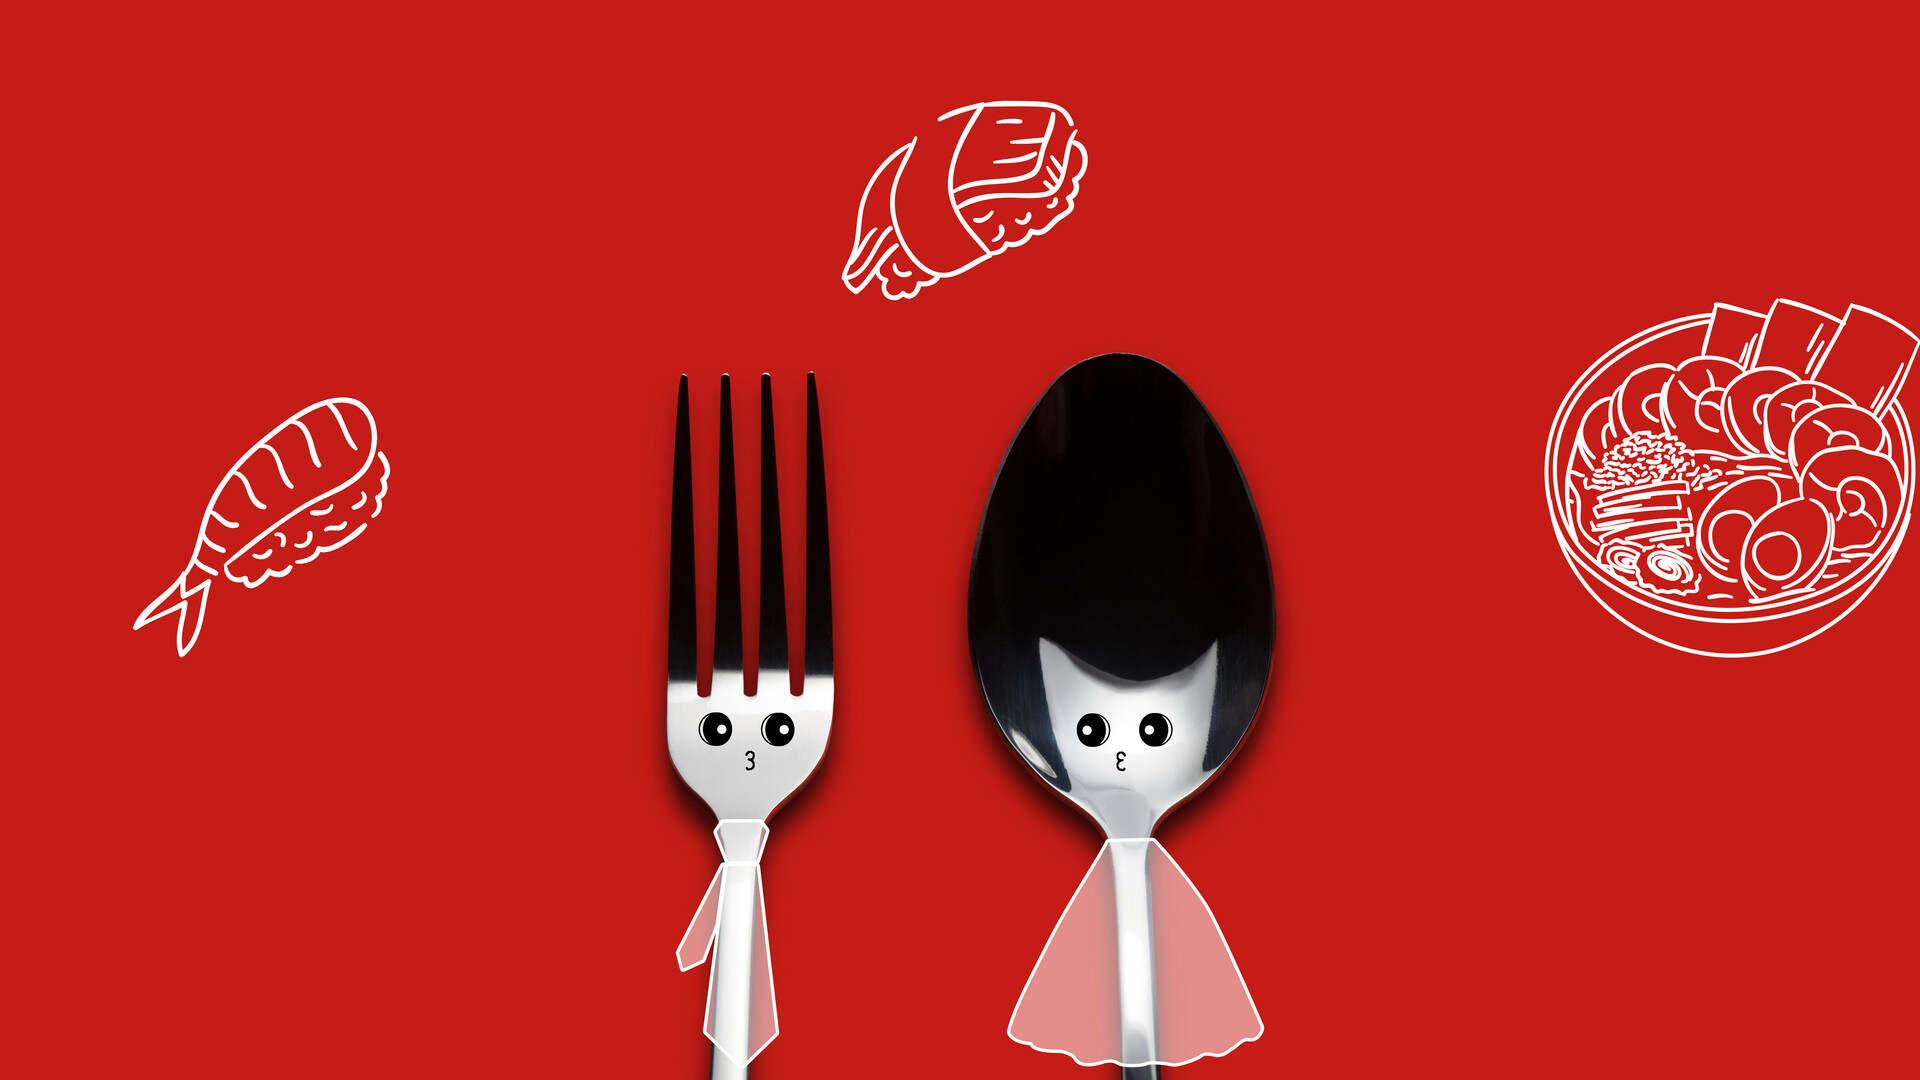 苏州餐饮咨询规划管理公司有什么理念